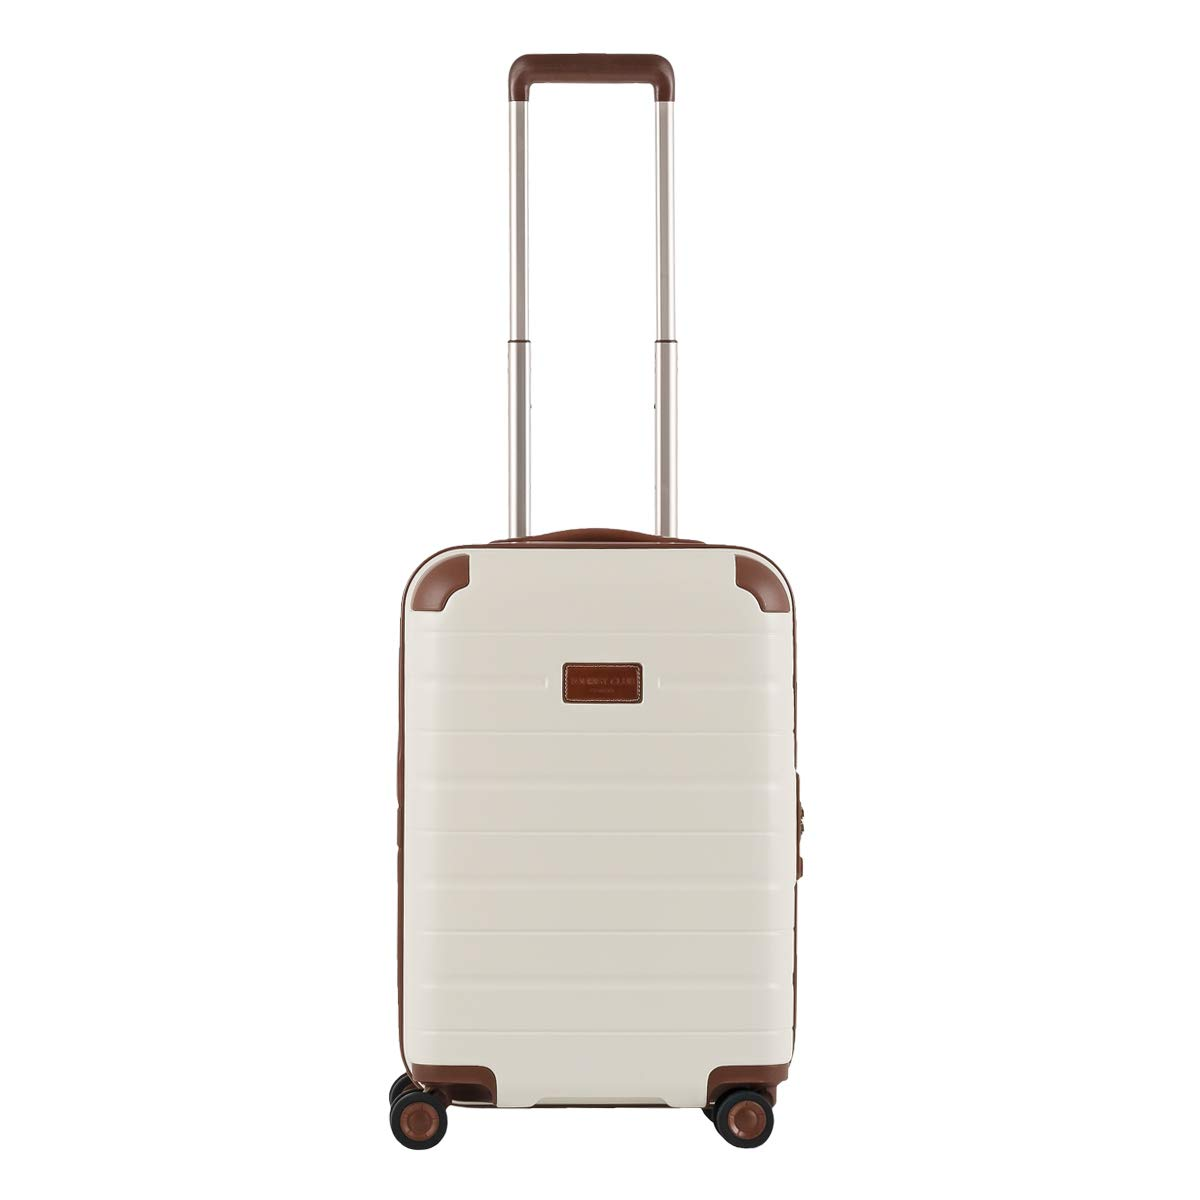 [サンコー] スーツケース 機内持ち込み 37L 50.5cm 3kg TC04-50 軽量 B07RJQR55R ベージュ